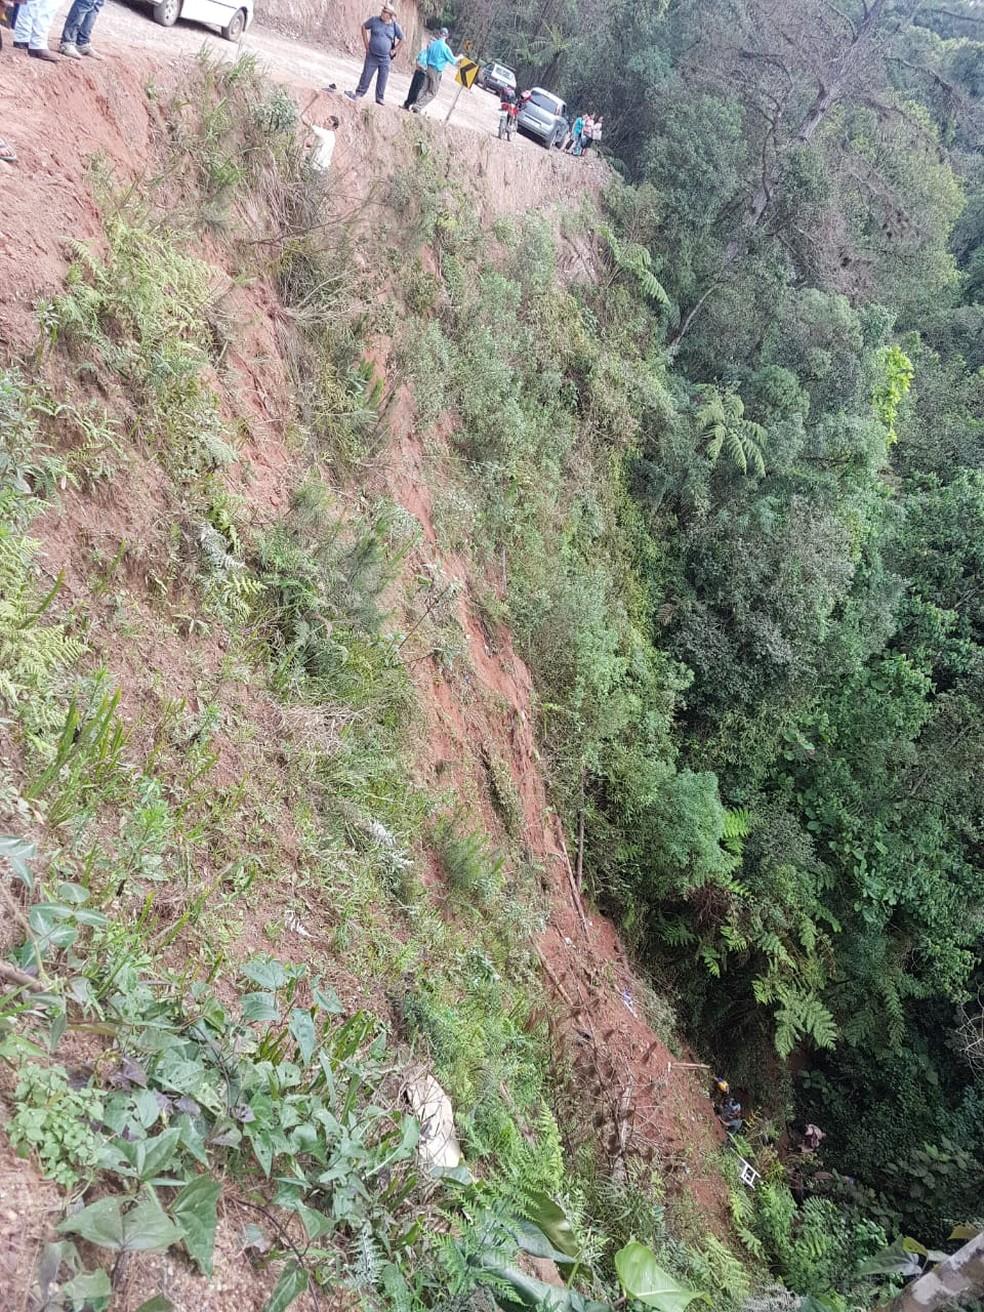 Ribanceira às margens da PR-092, onde caminhonete que levava 30 pessoas caiu neste domingo (13) — Foto: Polícia Rodoviária Estadual/Divulgação